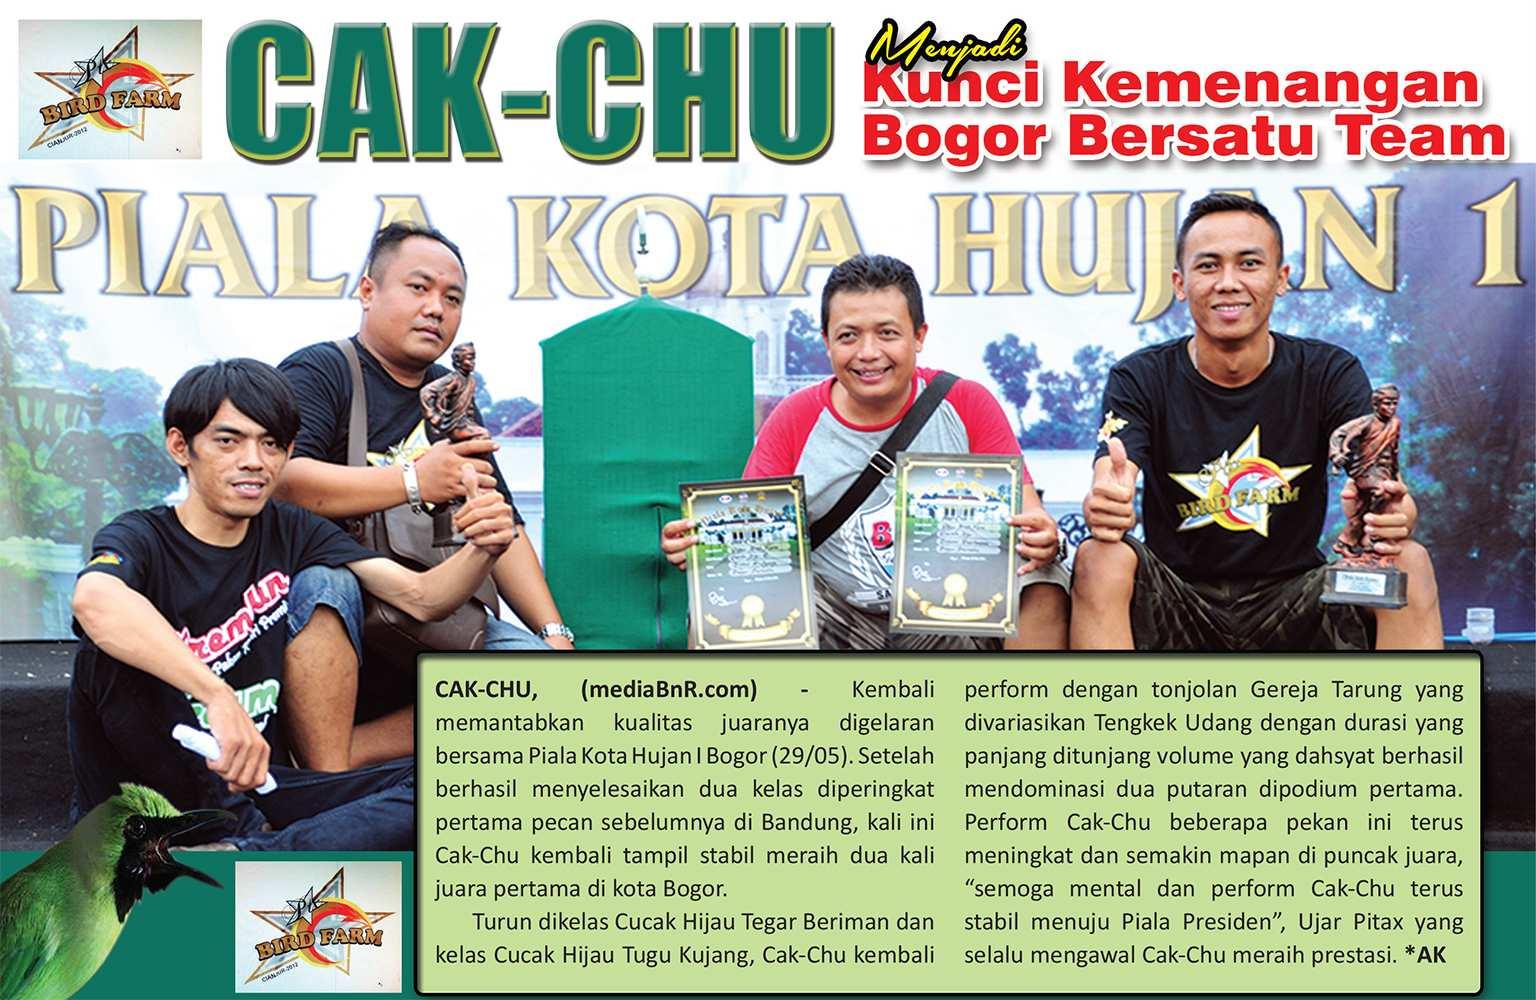 Cak Chu : Menjadi Kunci Kemenangan Bogor Bersatu Team